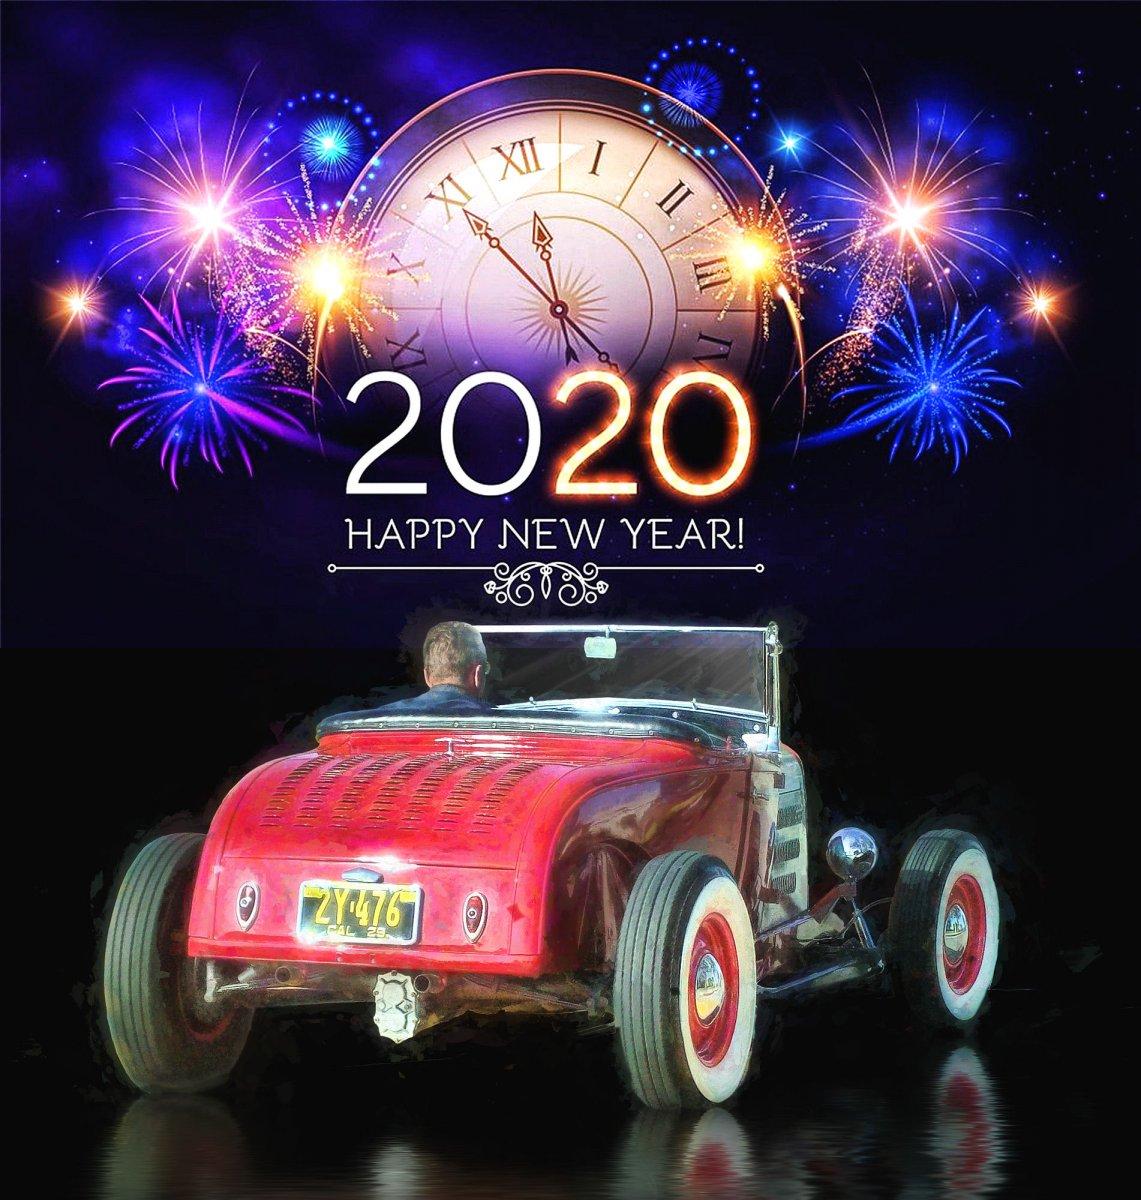 2020 new year 1 fin.jpg